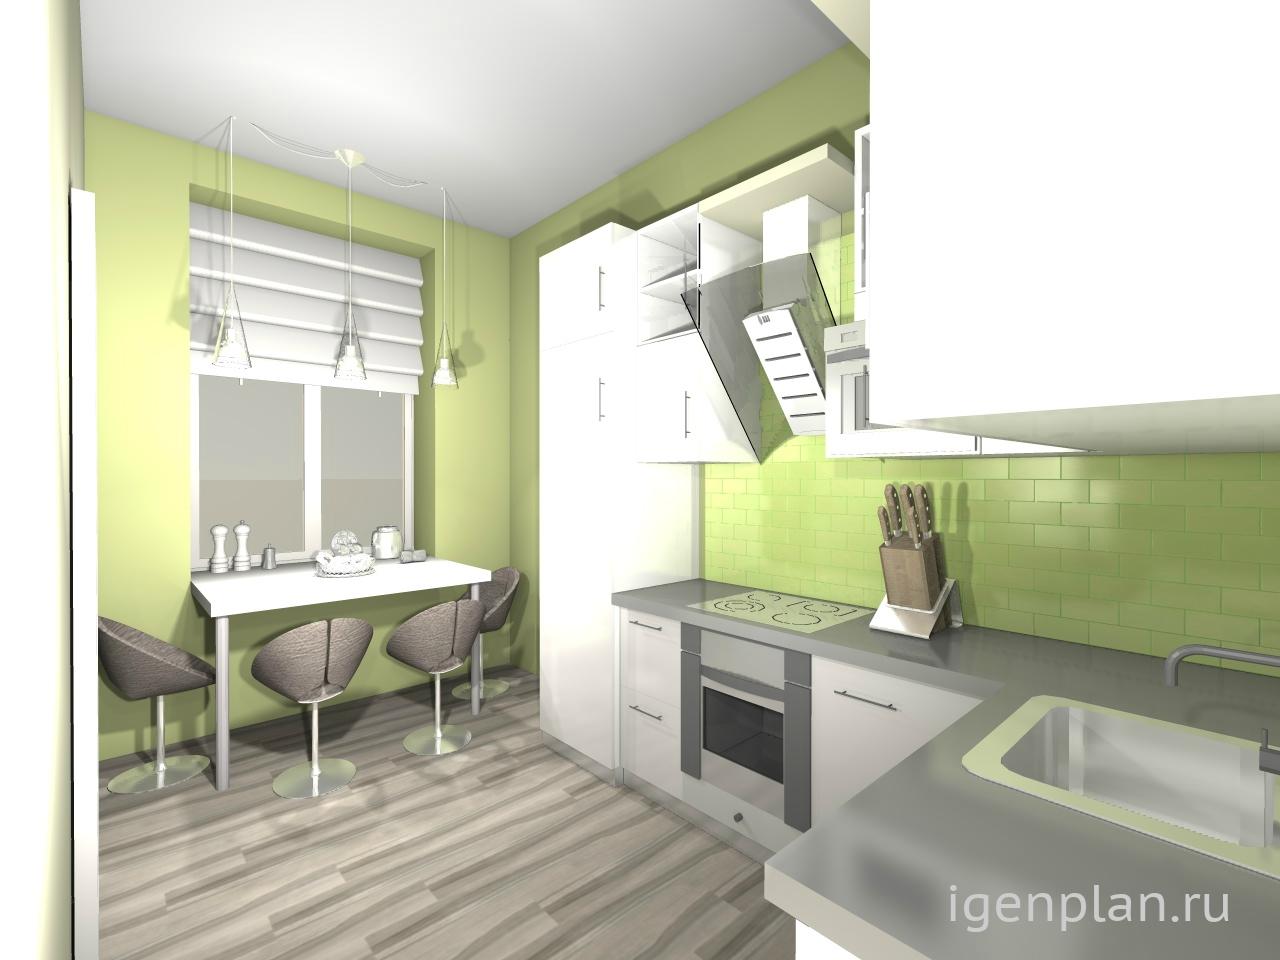 Как сделать ремонт на кухне 6 метров своими руками фото